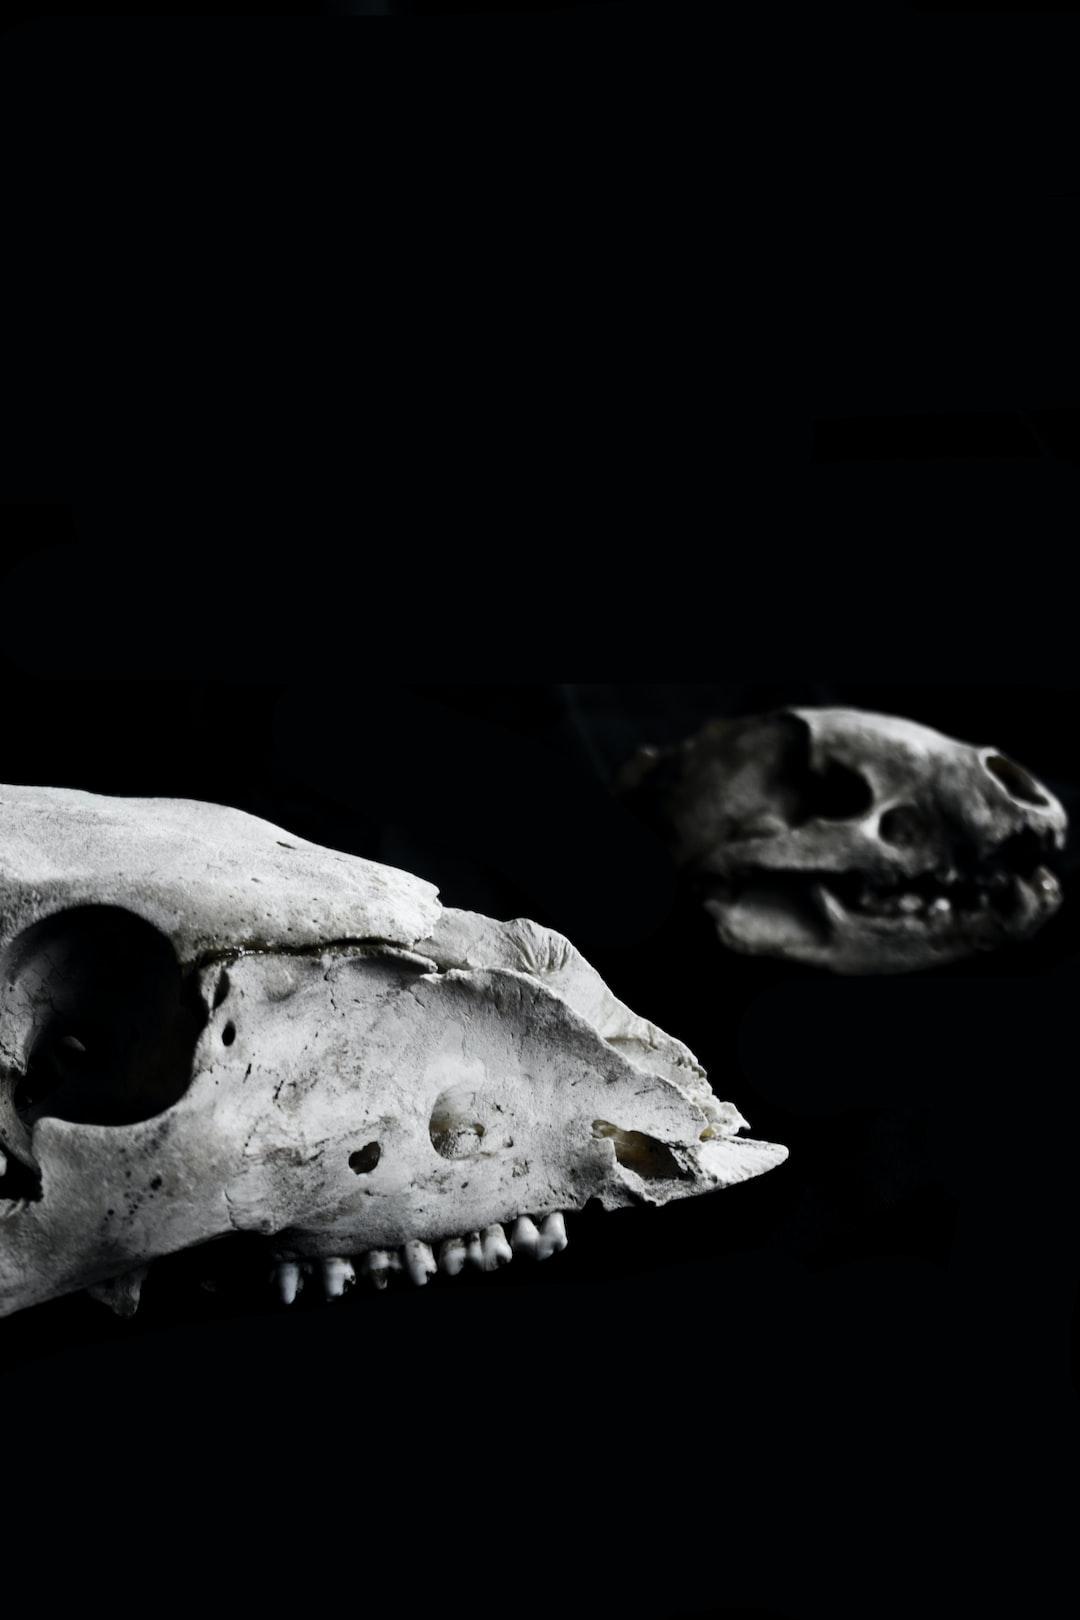 二叠纪末发生的大灭绝原因假说